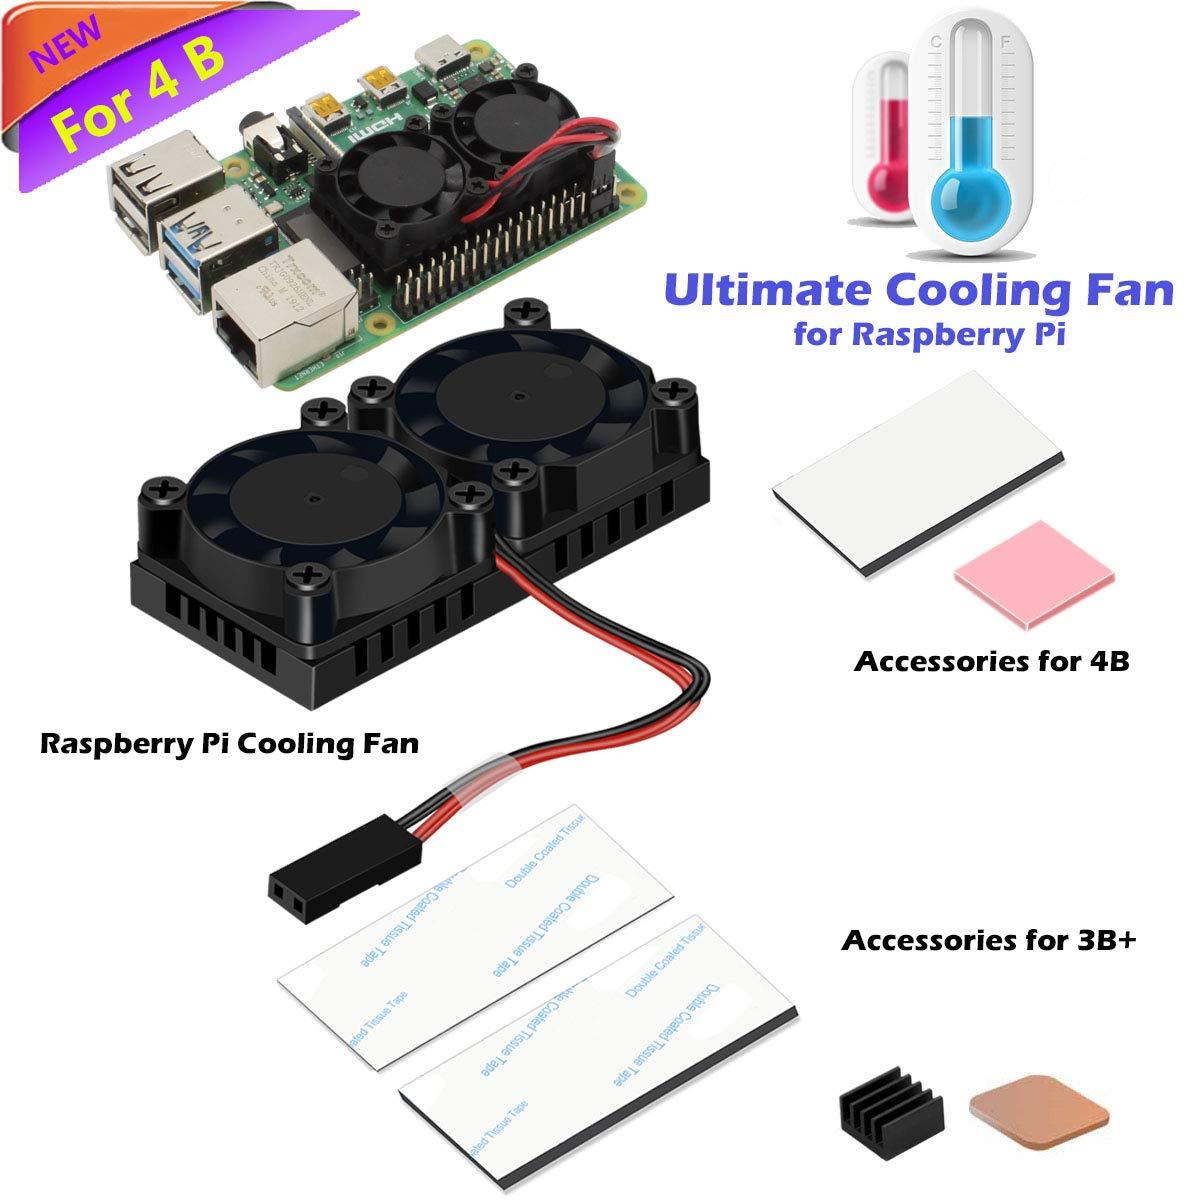 iUniker Raspberry Pi 4 Fan, Raspberry Pi Dual Fan with Raspberry Pi Heatsink, Raspberry Pi Fan for Raspberry Pi 4 Model B, 3B+/Pi 3 B/Pi 2 B by iUniker